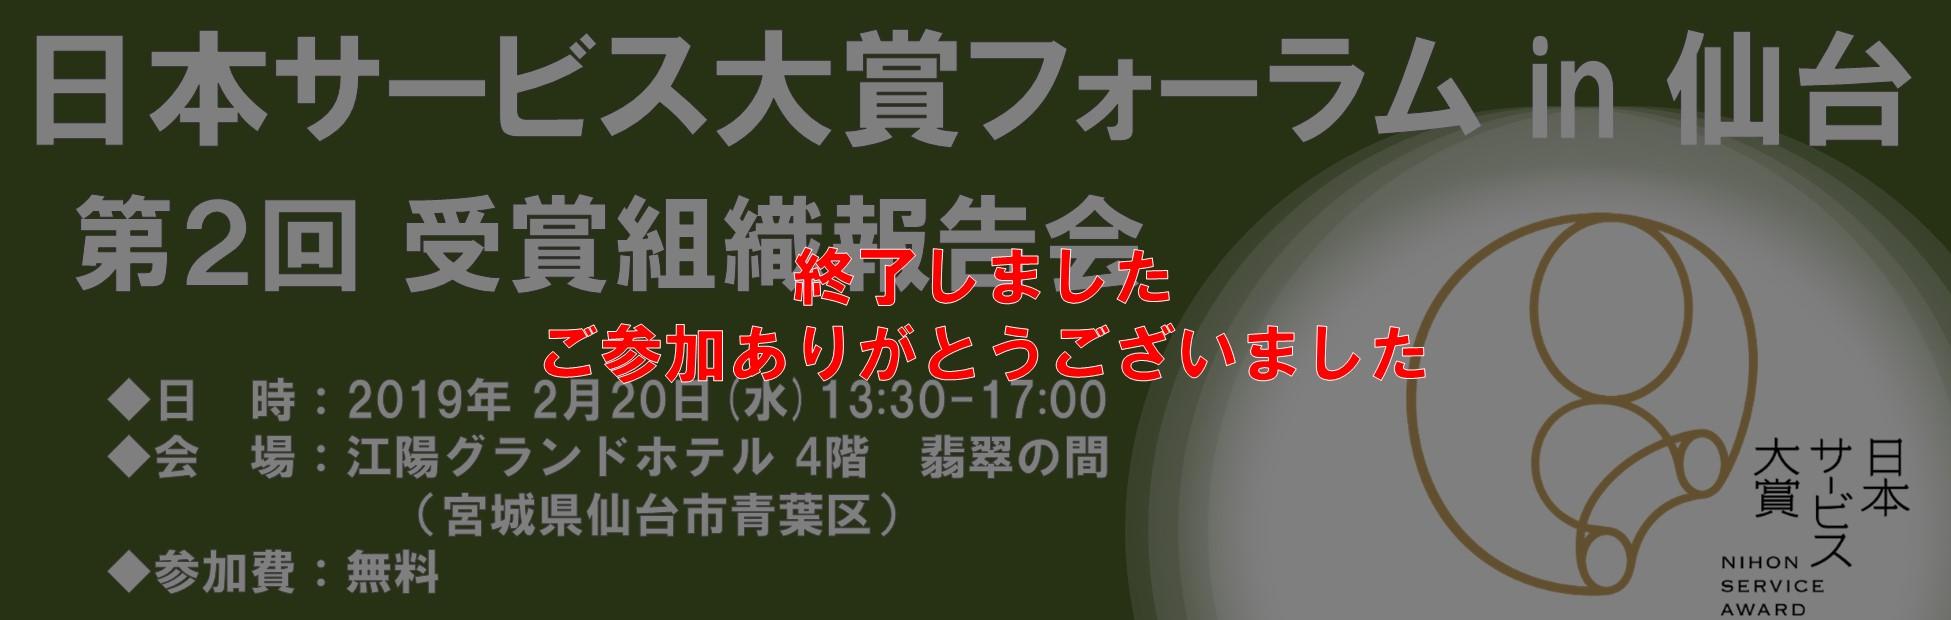 日本サービス大賞フォーラム in 仙台 は終了しました